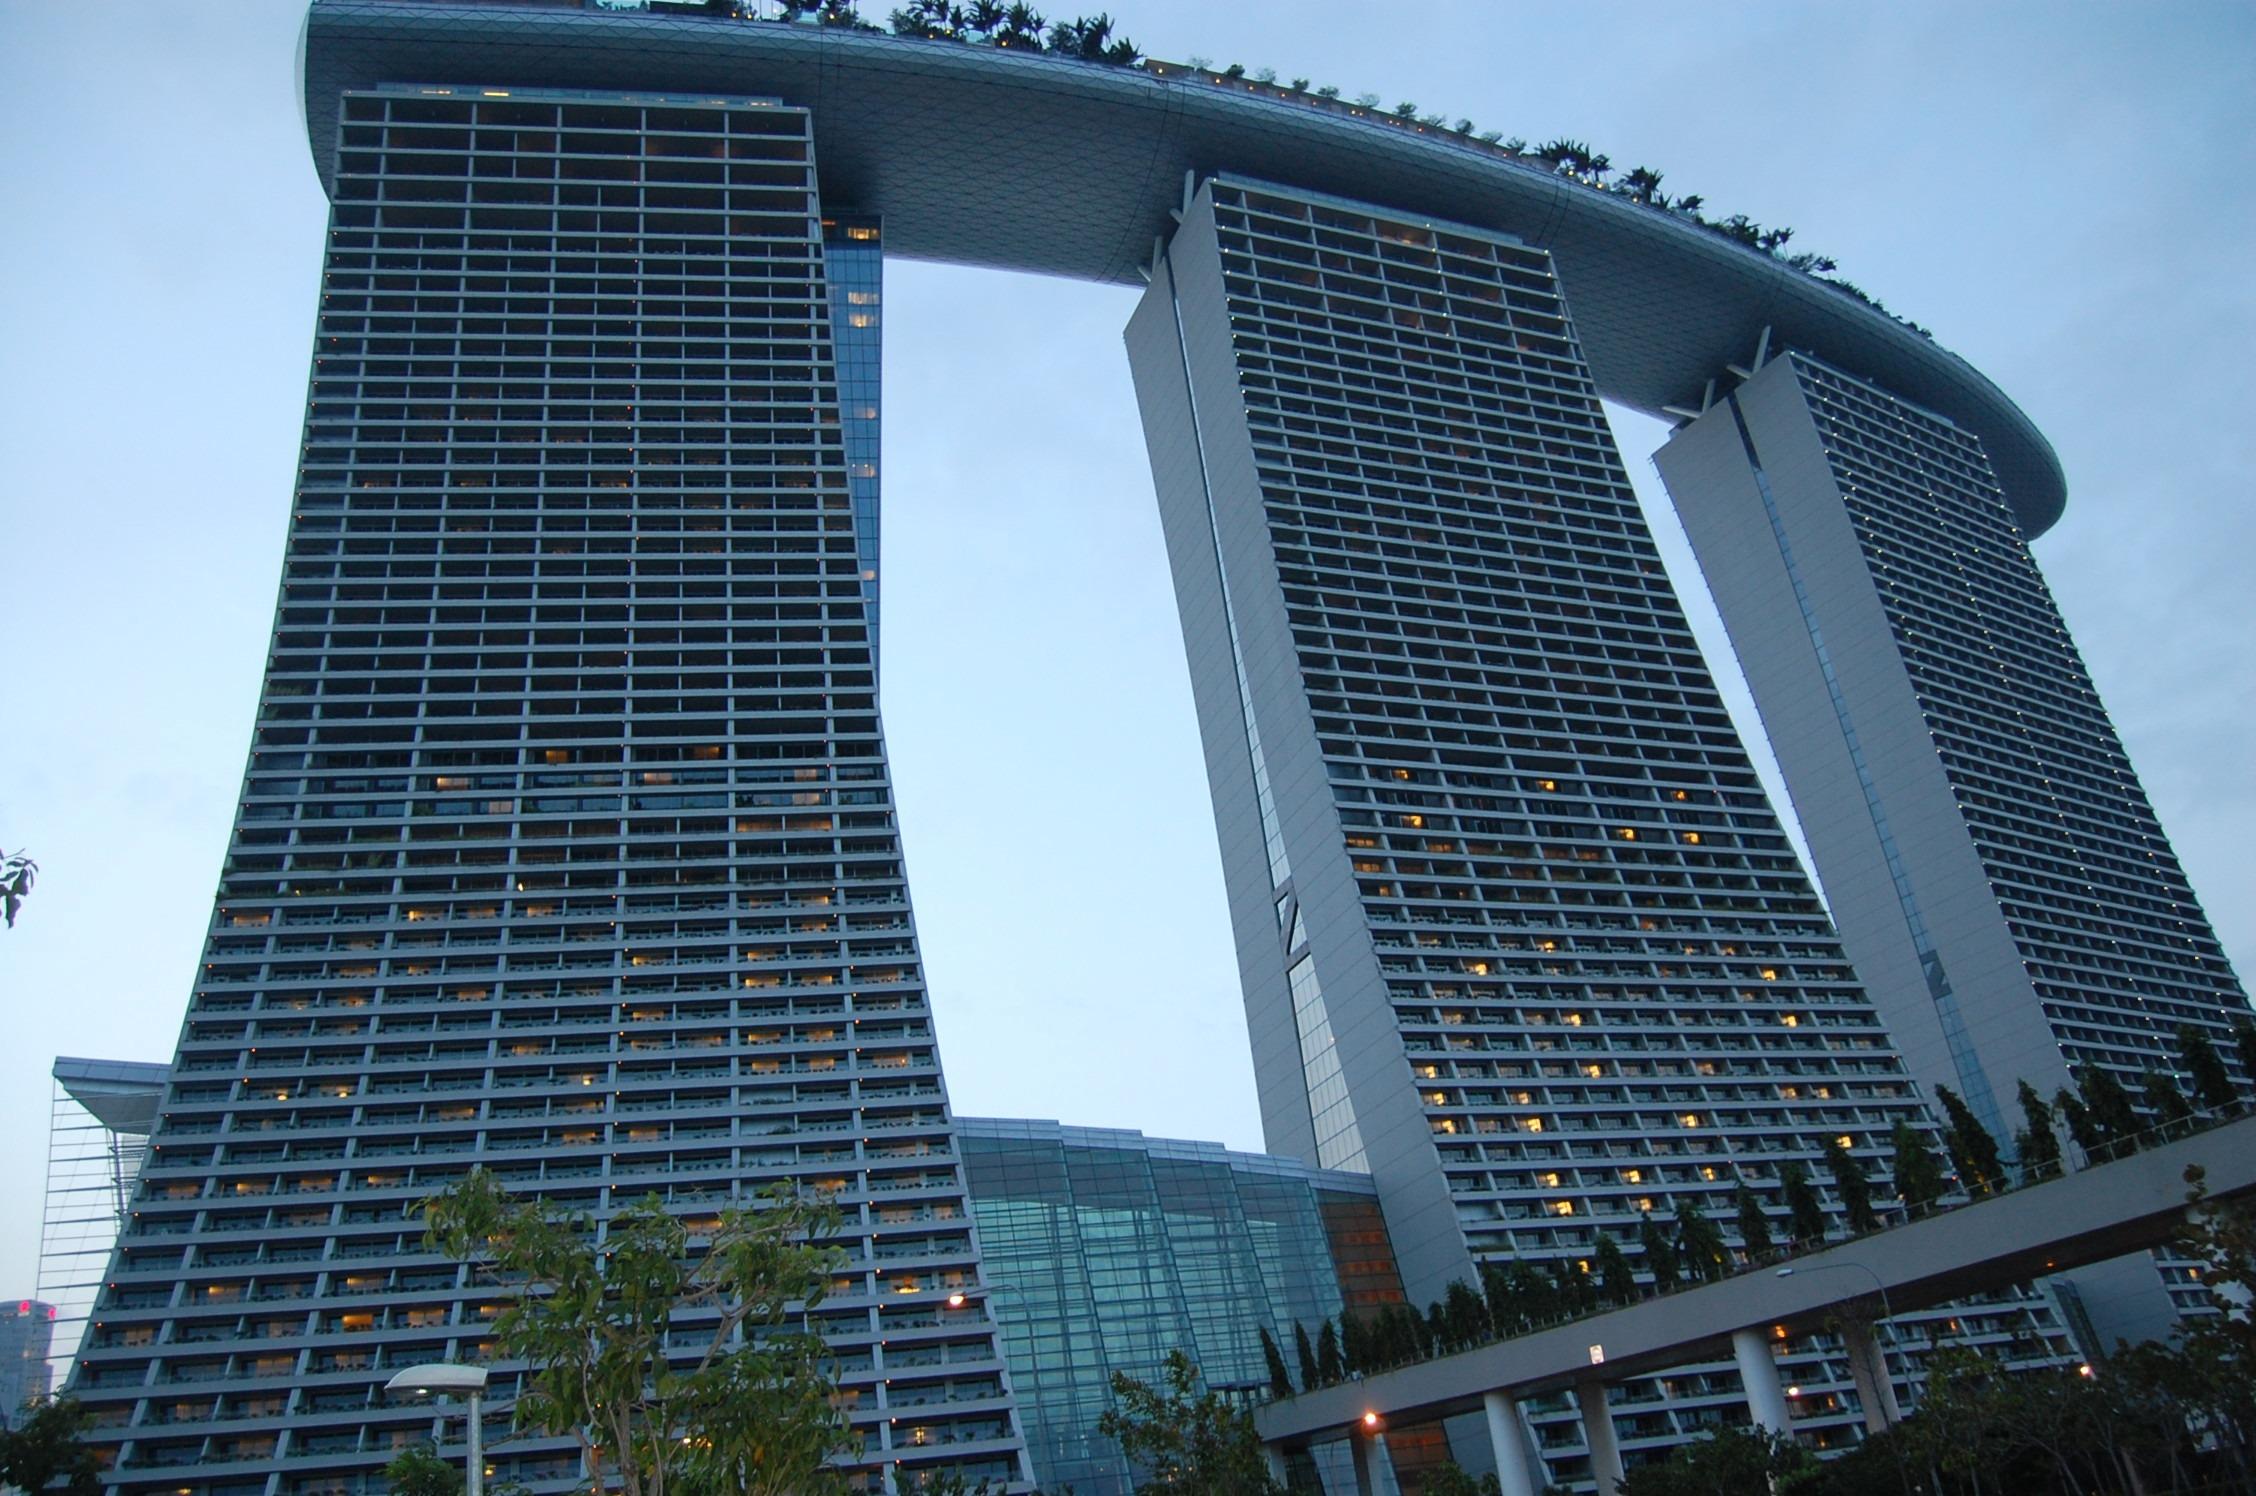 horizonte edificio rascacielos paisaje urbano centro de la ciudad viajar torre punto de referencia fachada bloque de pisos hotel singapur